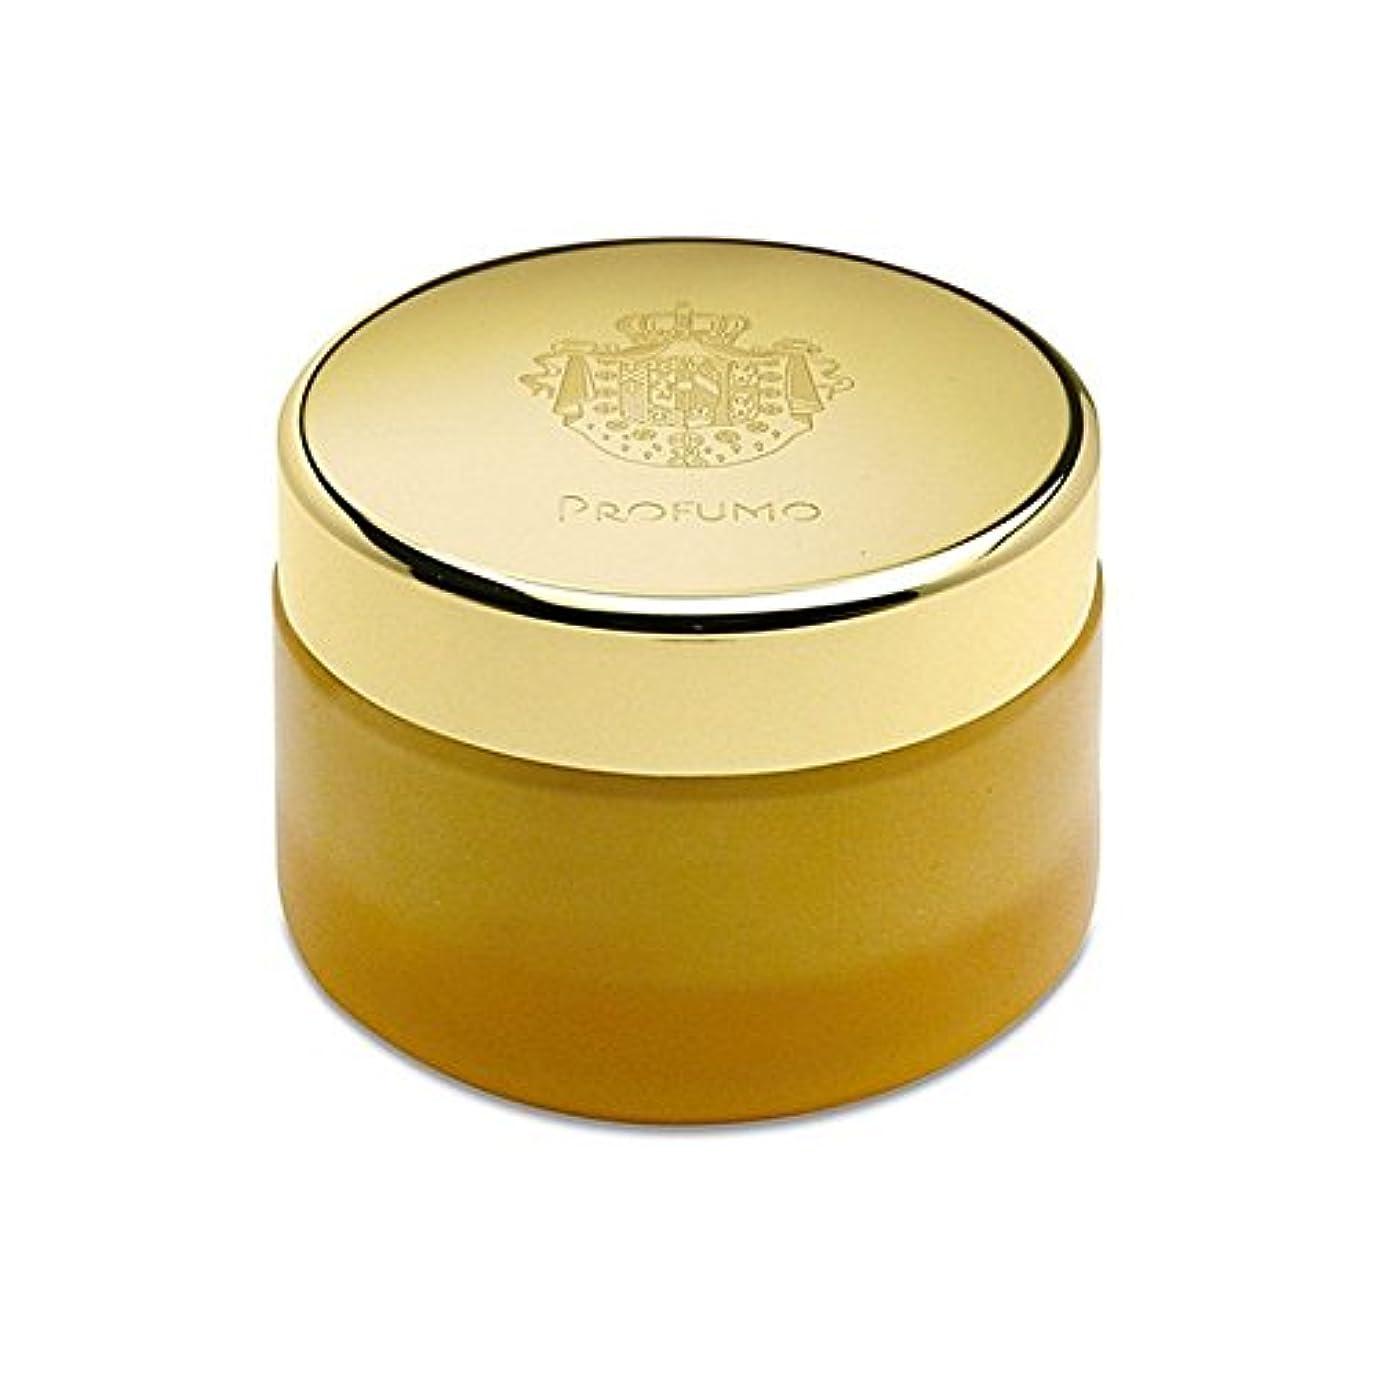 遵守する折り目改修するアクアディパルマボディクリーム200ミリリットル x2 - Acqua Di Parma Profumo Body Cream 200ml (Pack of 2) [並行輸入品]